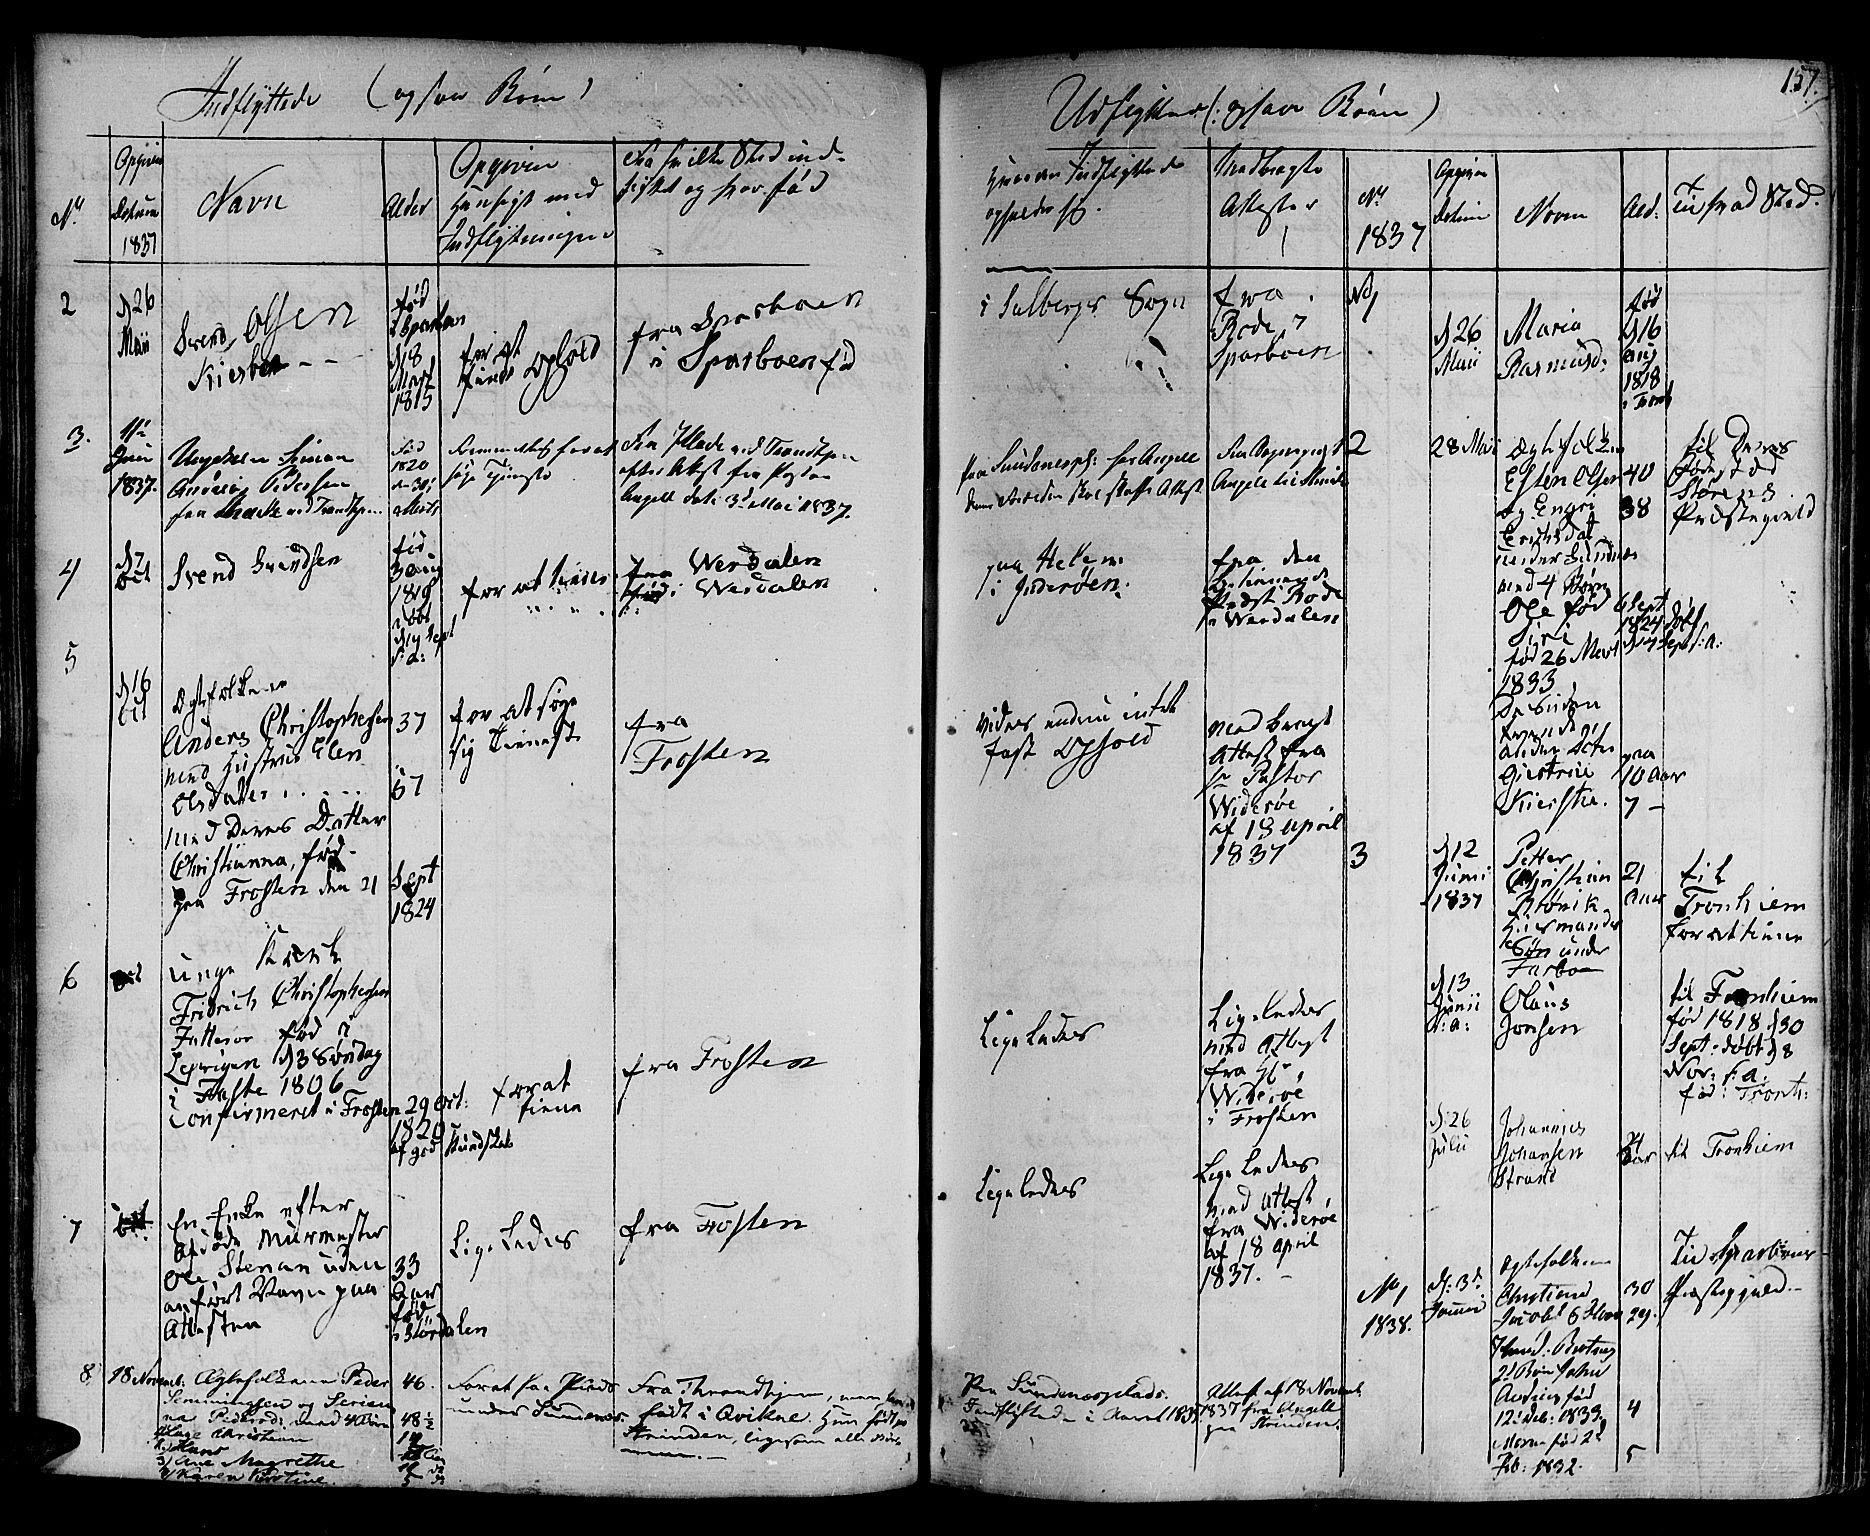 SAT, Ministerialprotokoller, klokkerbøker og fødselsregistre - Nord-Trøndelag, 730/L0277: Ministerialbok nr. 730A06 /1, 1830-1839, s. 157